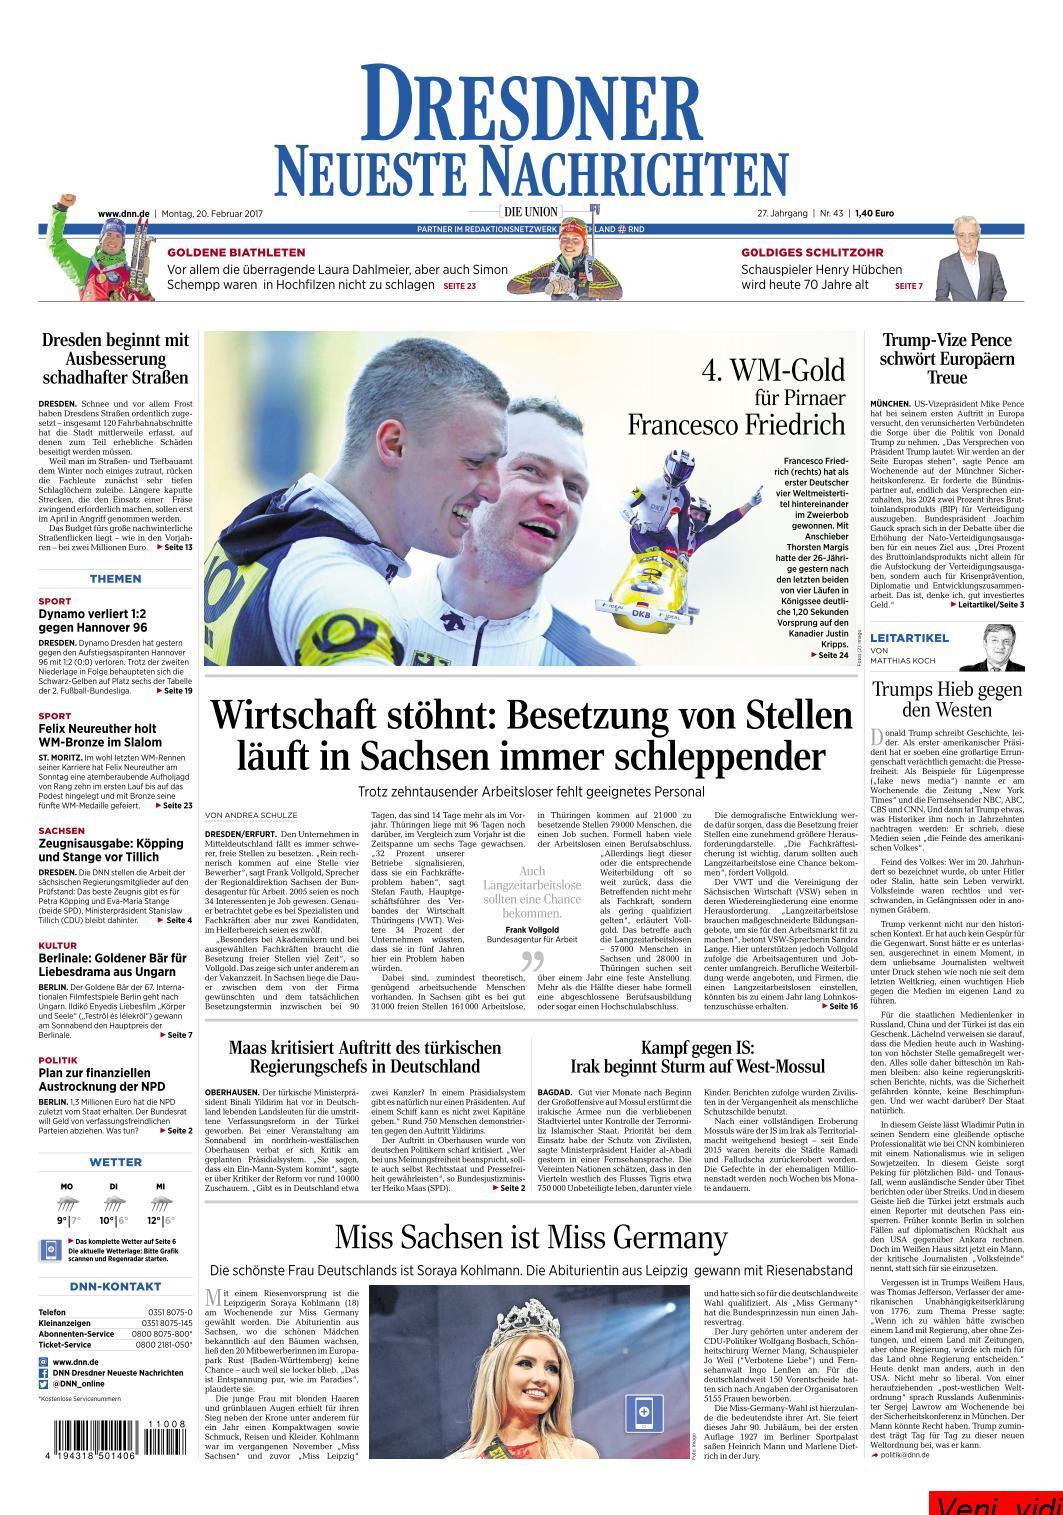 Dresdner Neueste Nachrichten 20 Februar 2017